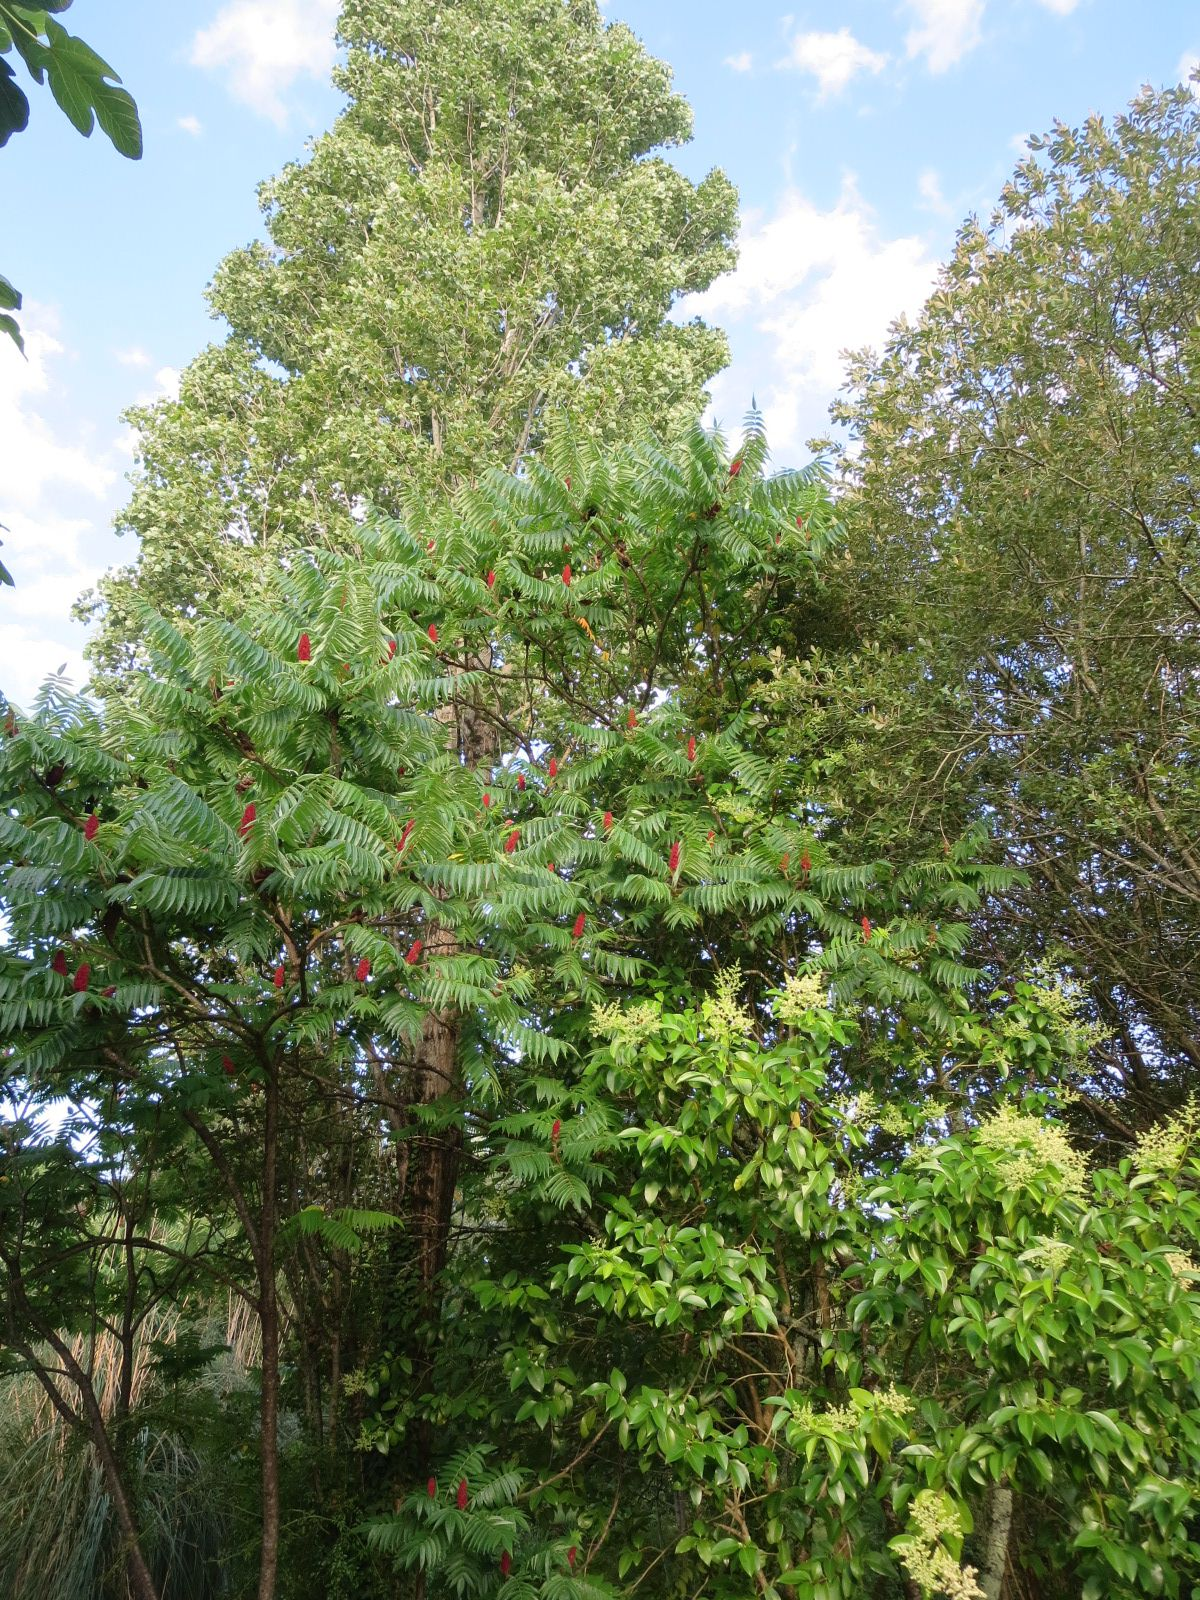 Un peu en avance...  les arbres et arbustes fleuris...  Buddleia,  Althéa, Bignone, Sumac, Albizia, etc, font la luxuriance de cet espace